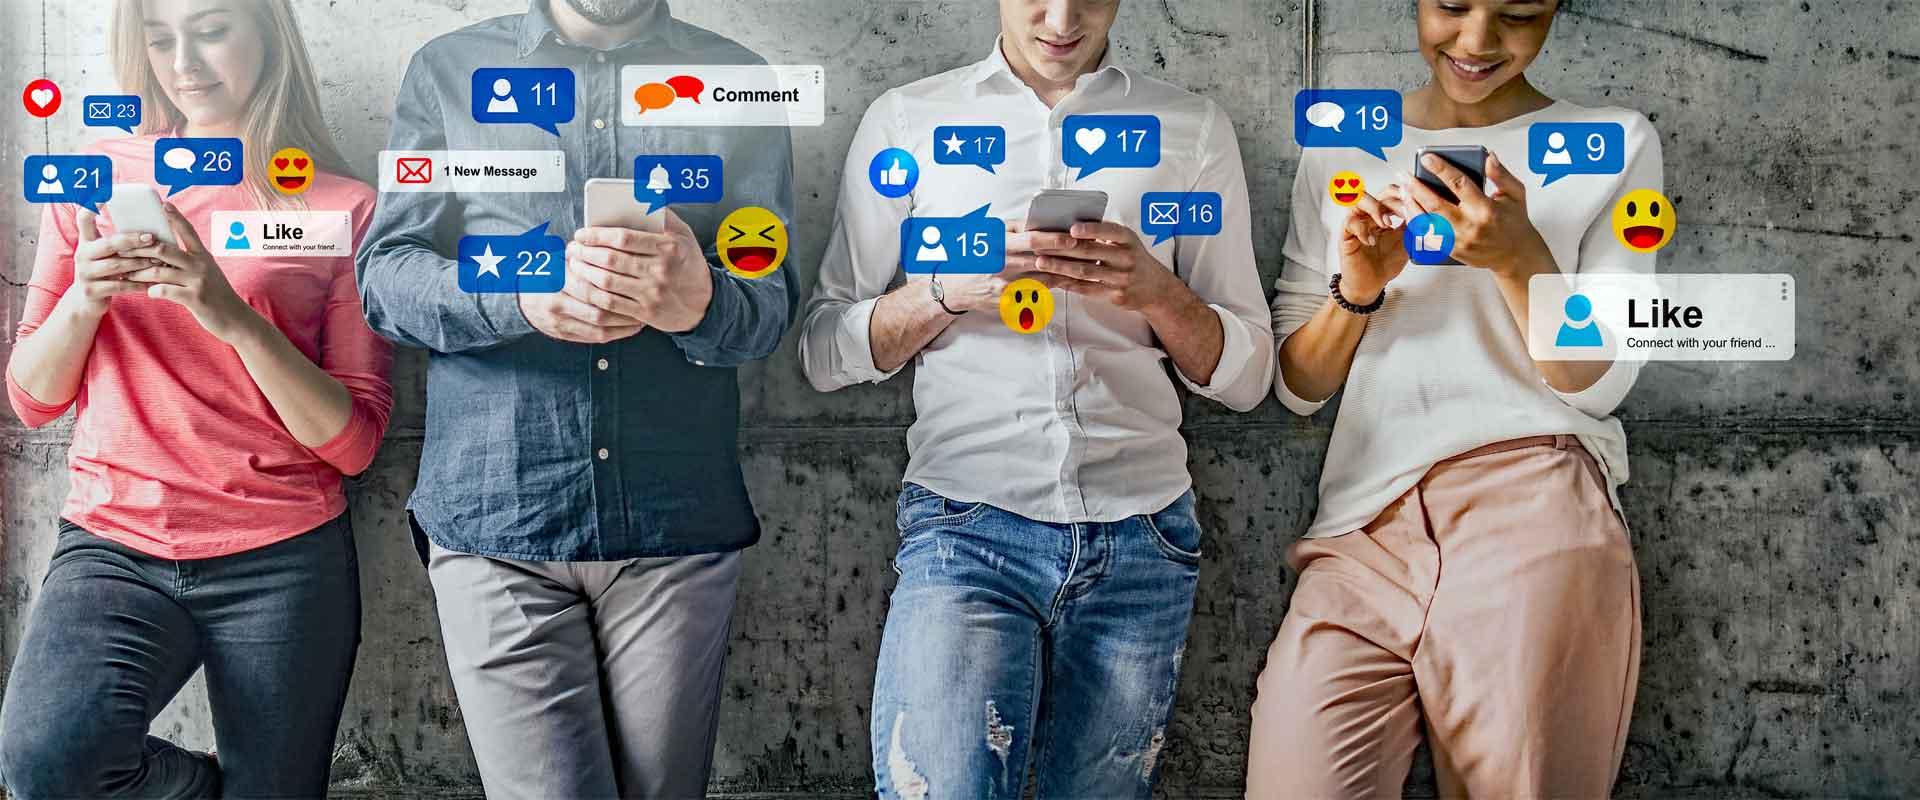 Menschen mit Smartphones als Motiv zur Marktforschungsstudie über TV-Formate im Kontext von Social Media